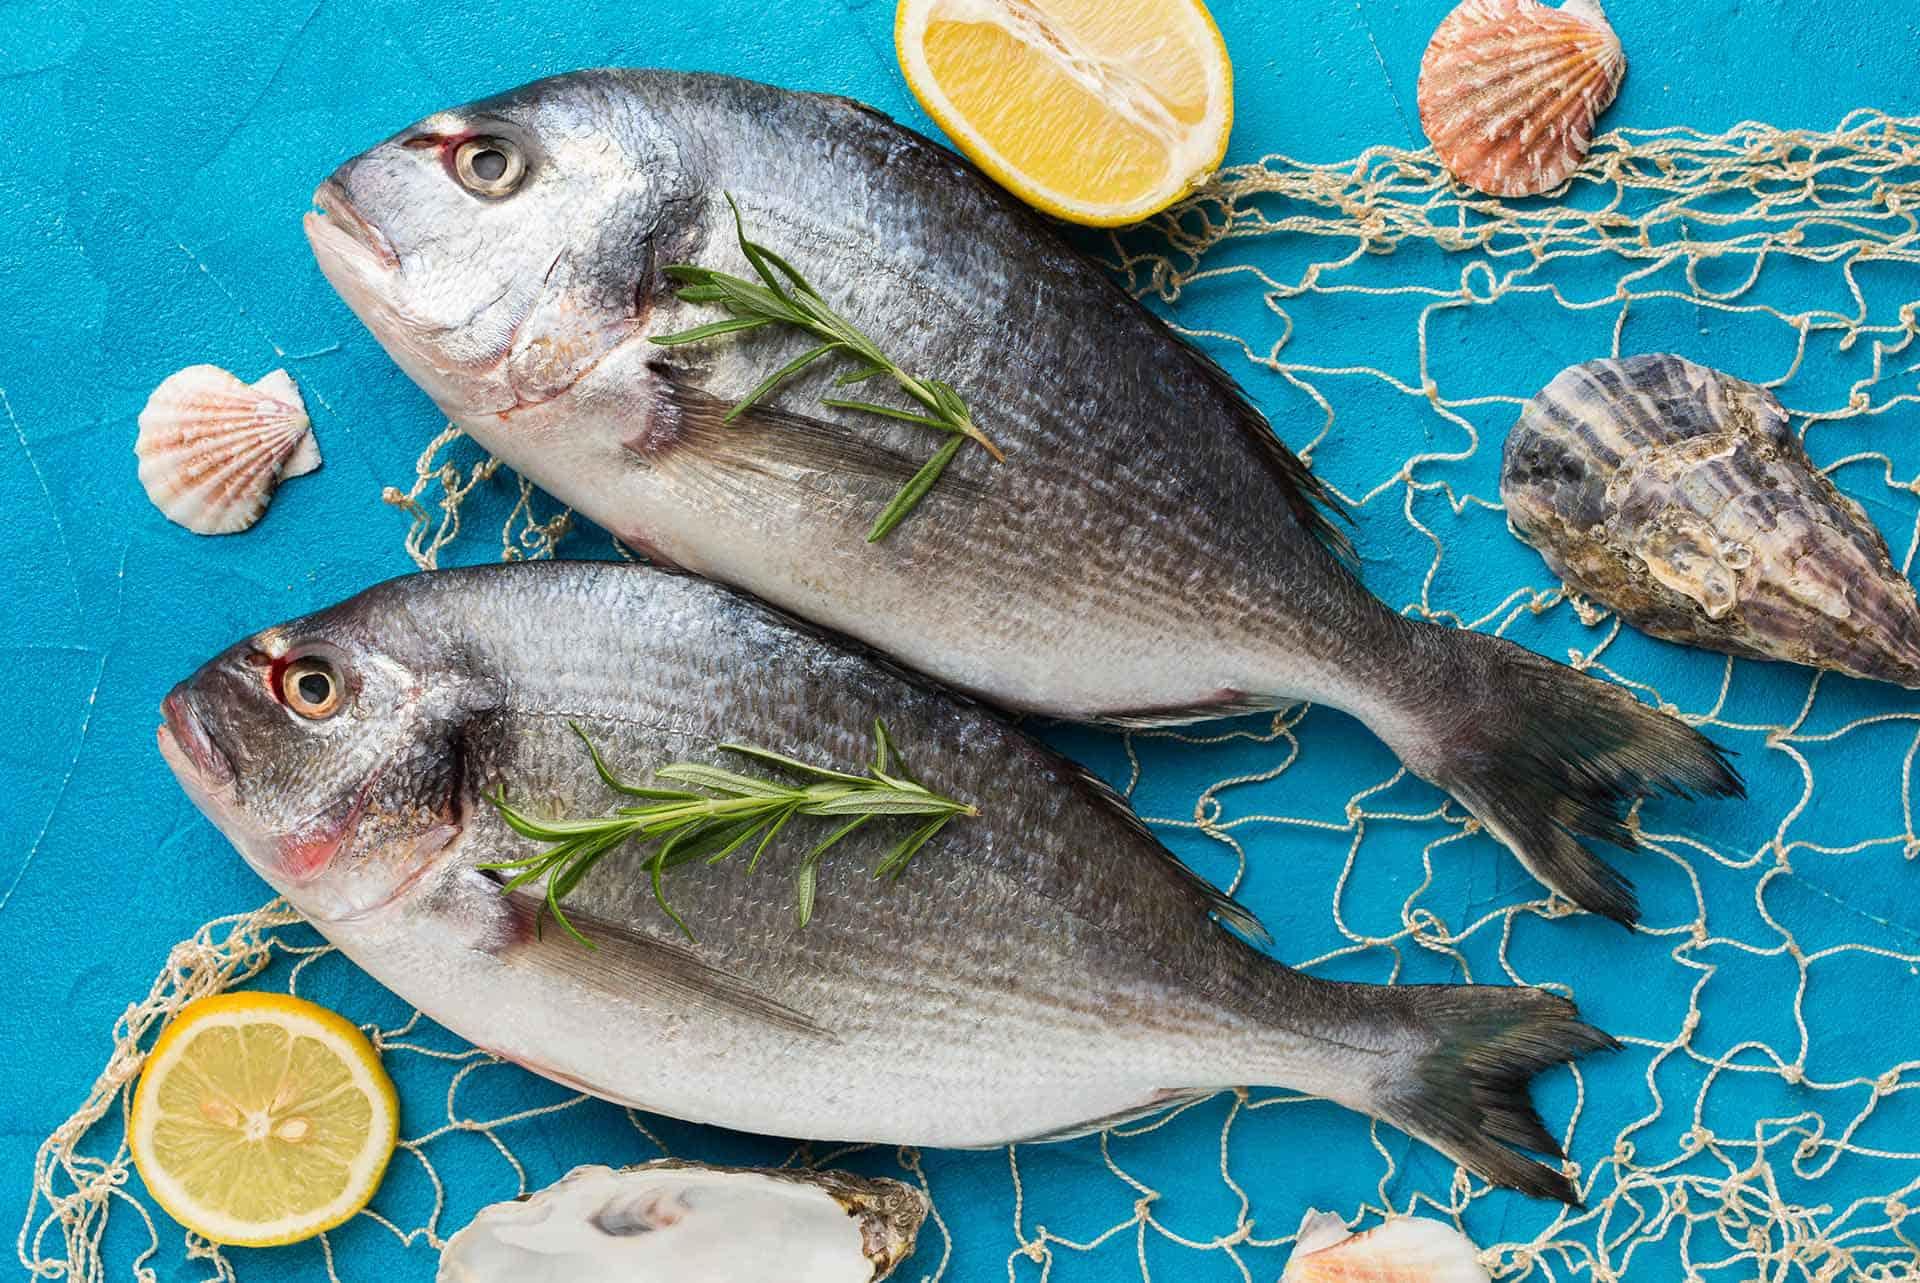 Yenilebilecek En İyi 12 Balık Türü